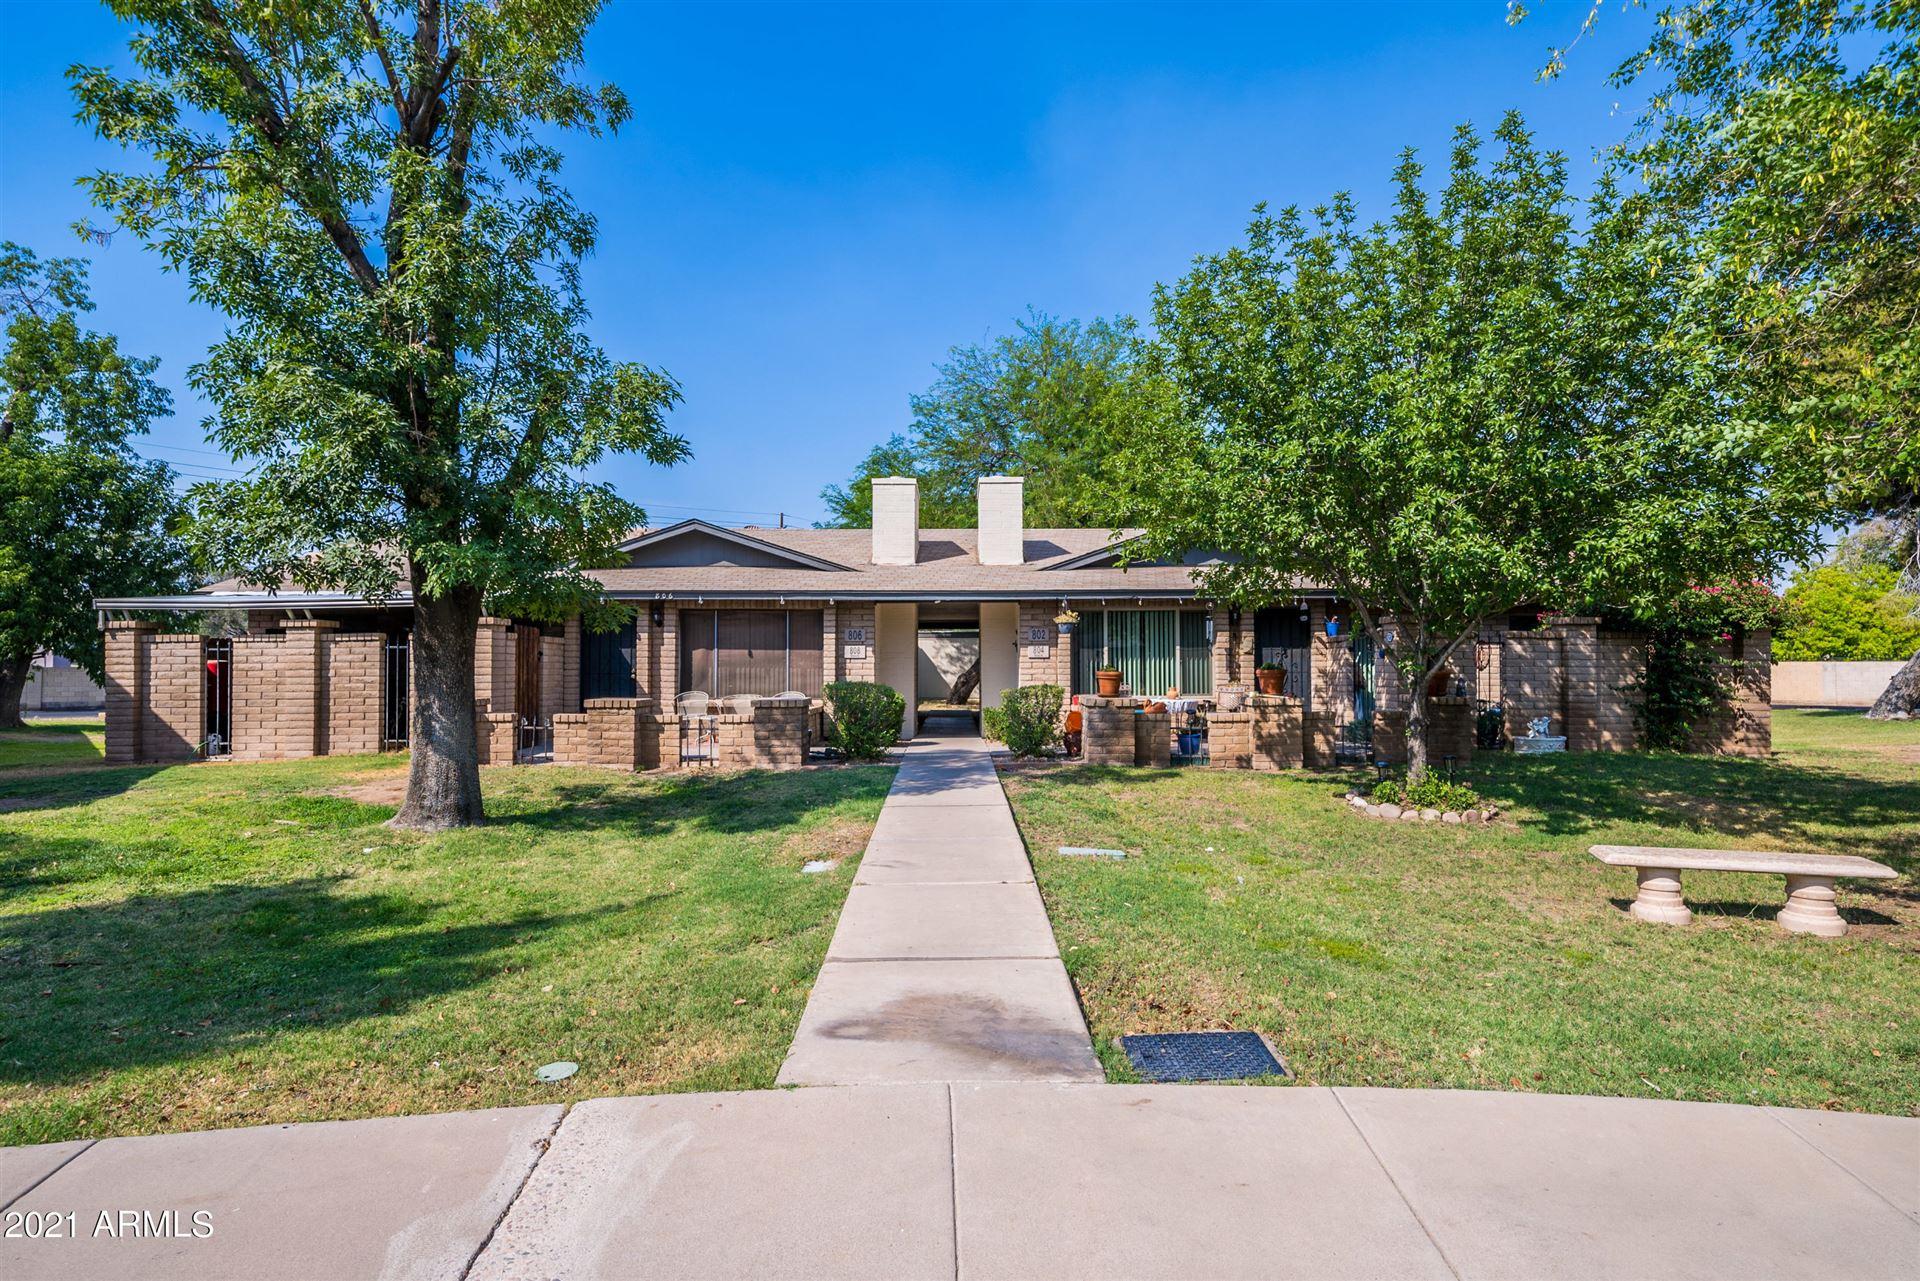 808 W MALIBU Drive, Tempe, AZ 85282 - MLS#: 6252330